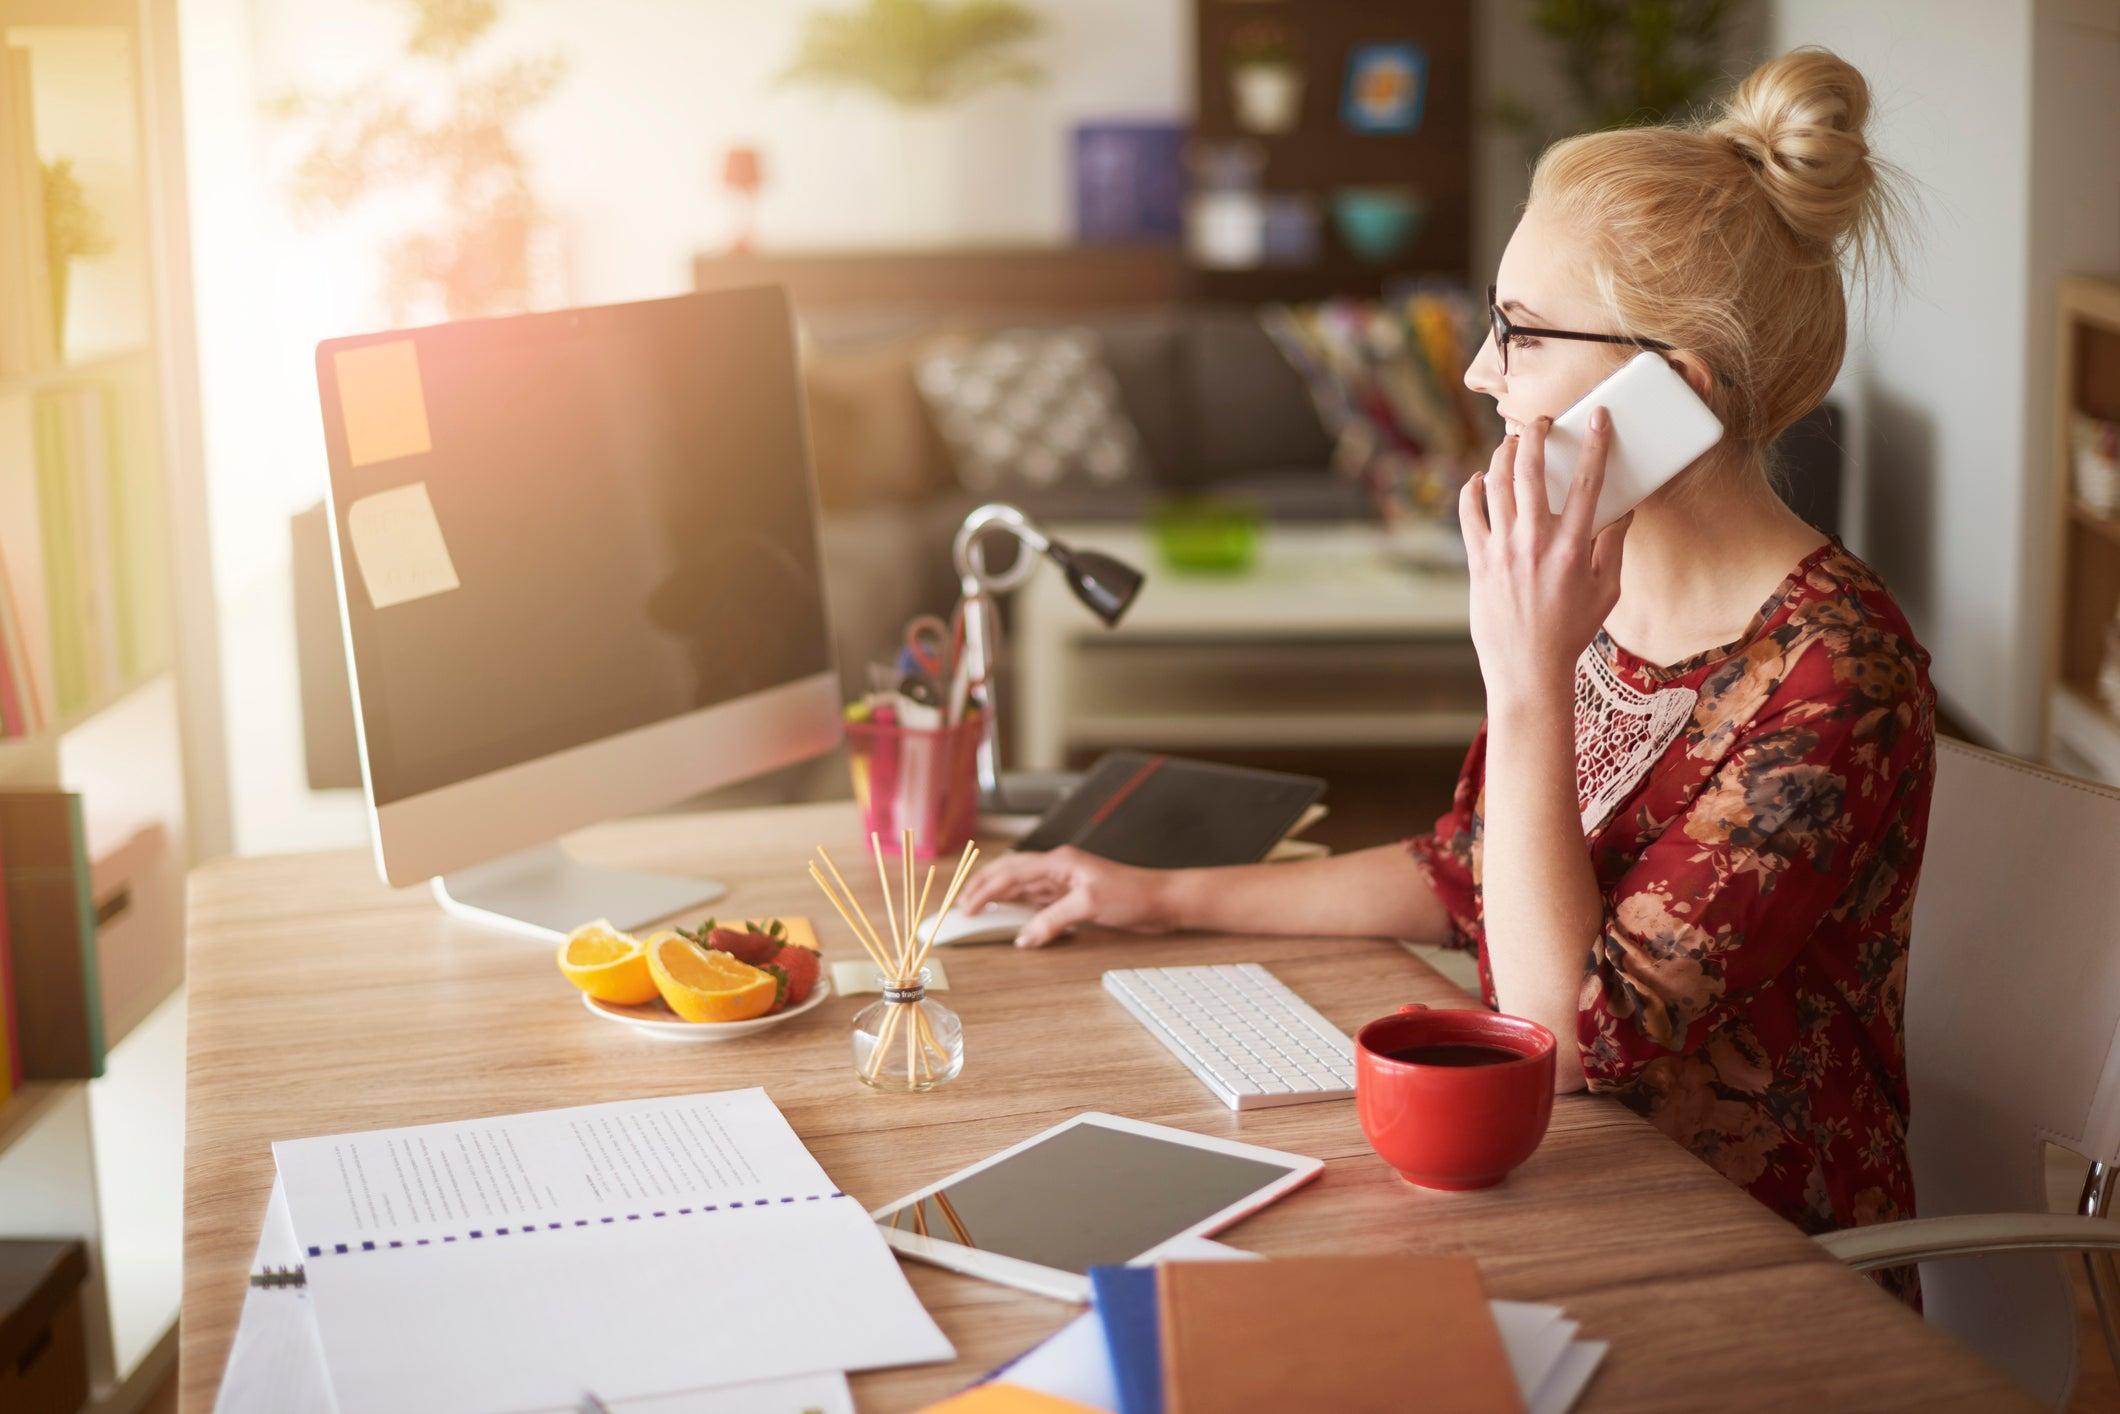 Në kërkim të një pune të re? 10 aftësitë që do punëdhënësi nga ty